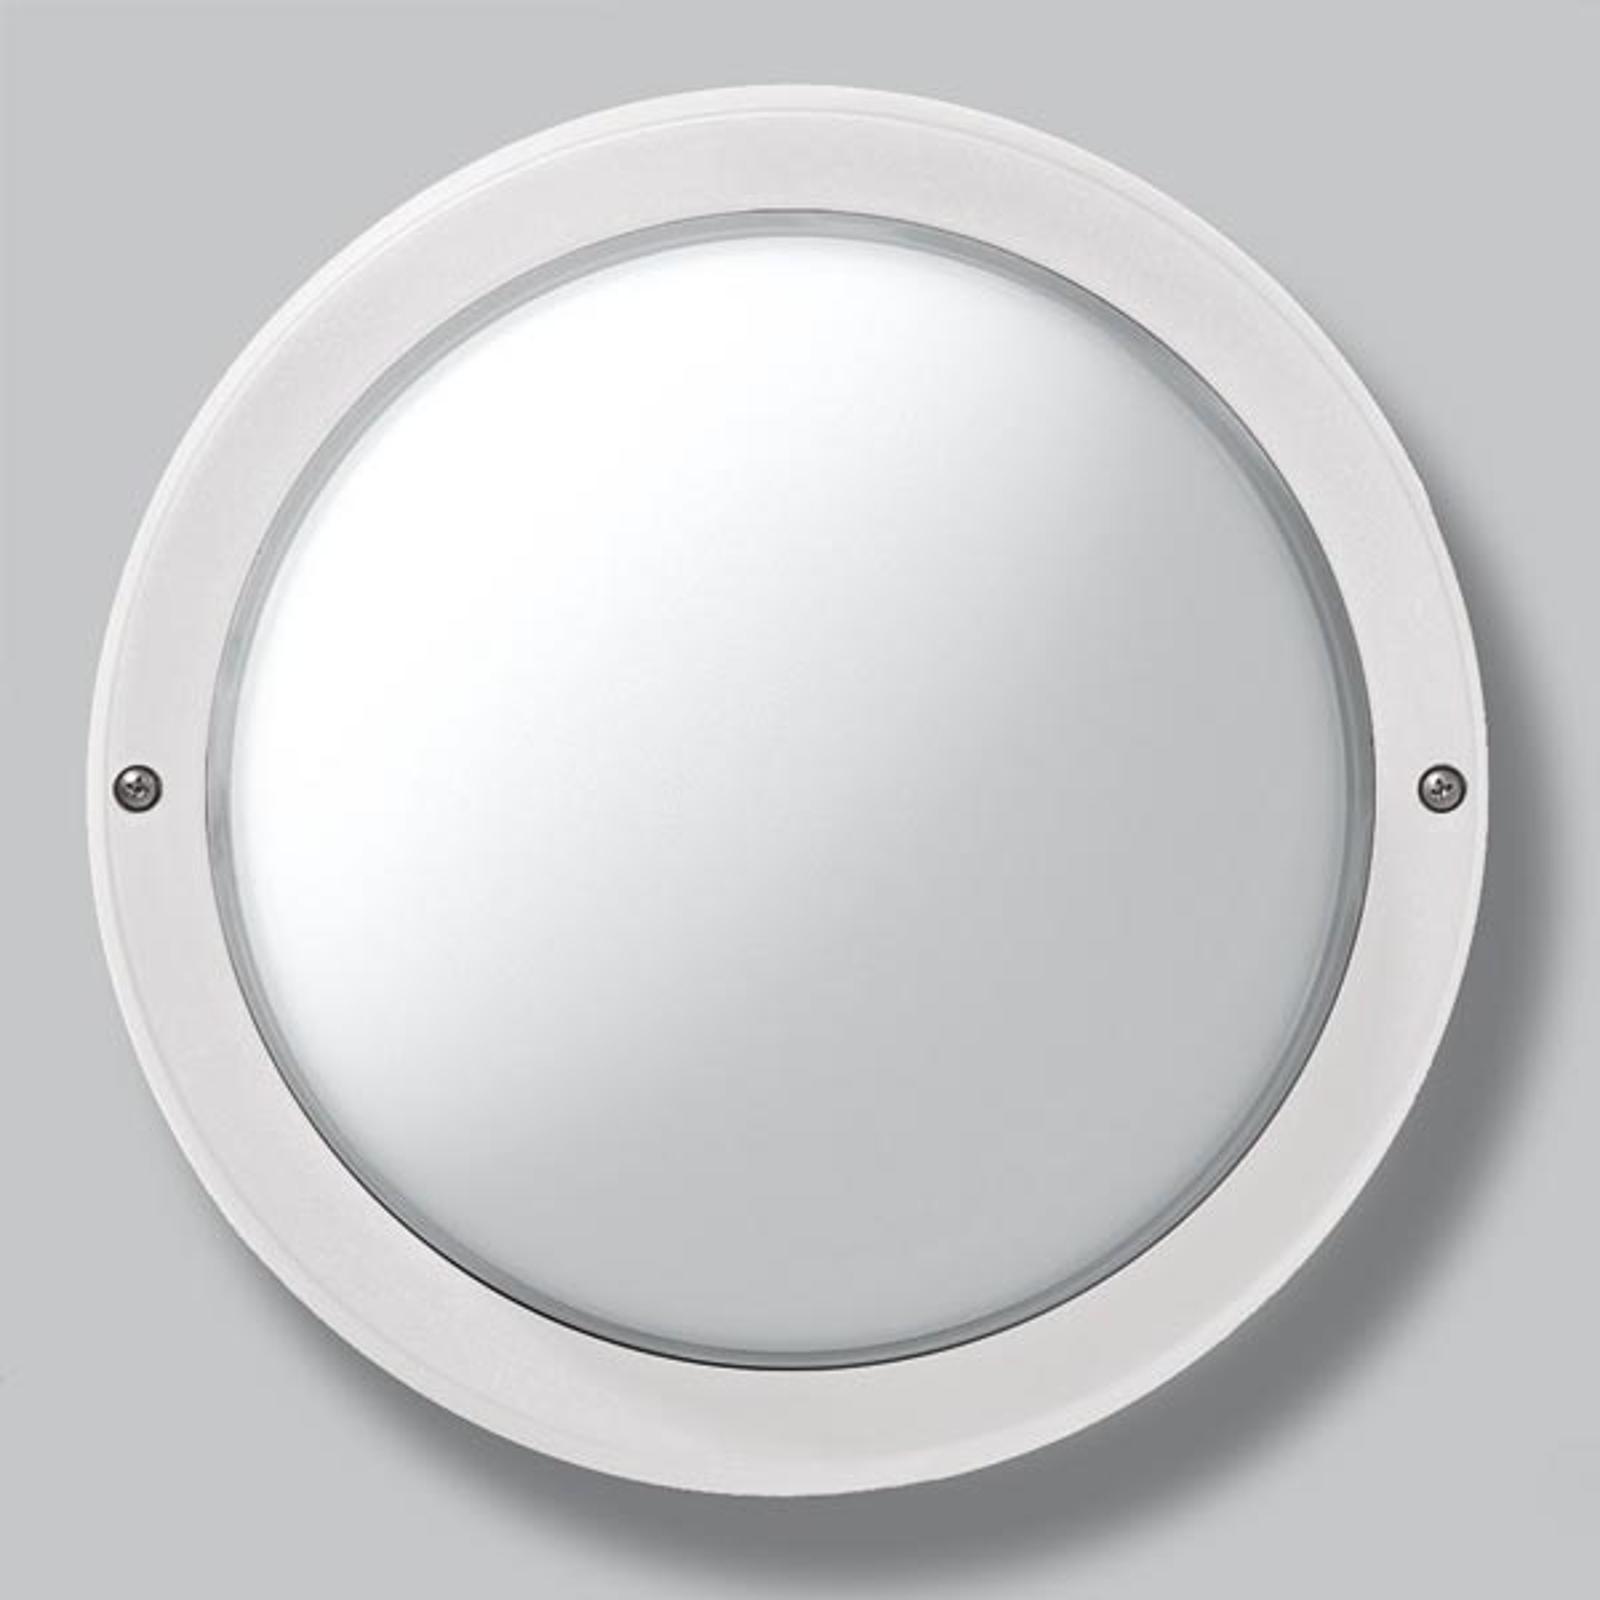 EKO 26 utendørs vegg- eller taklampe i hvit